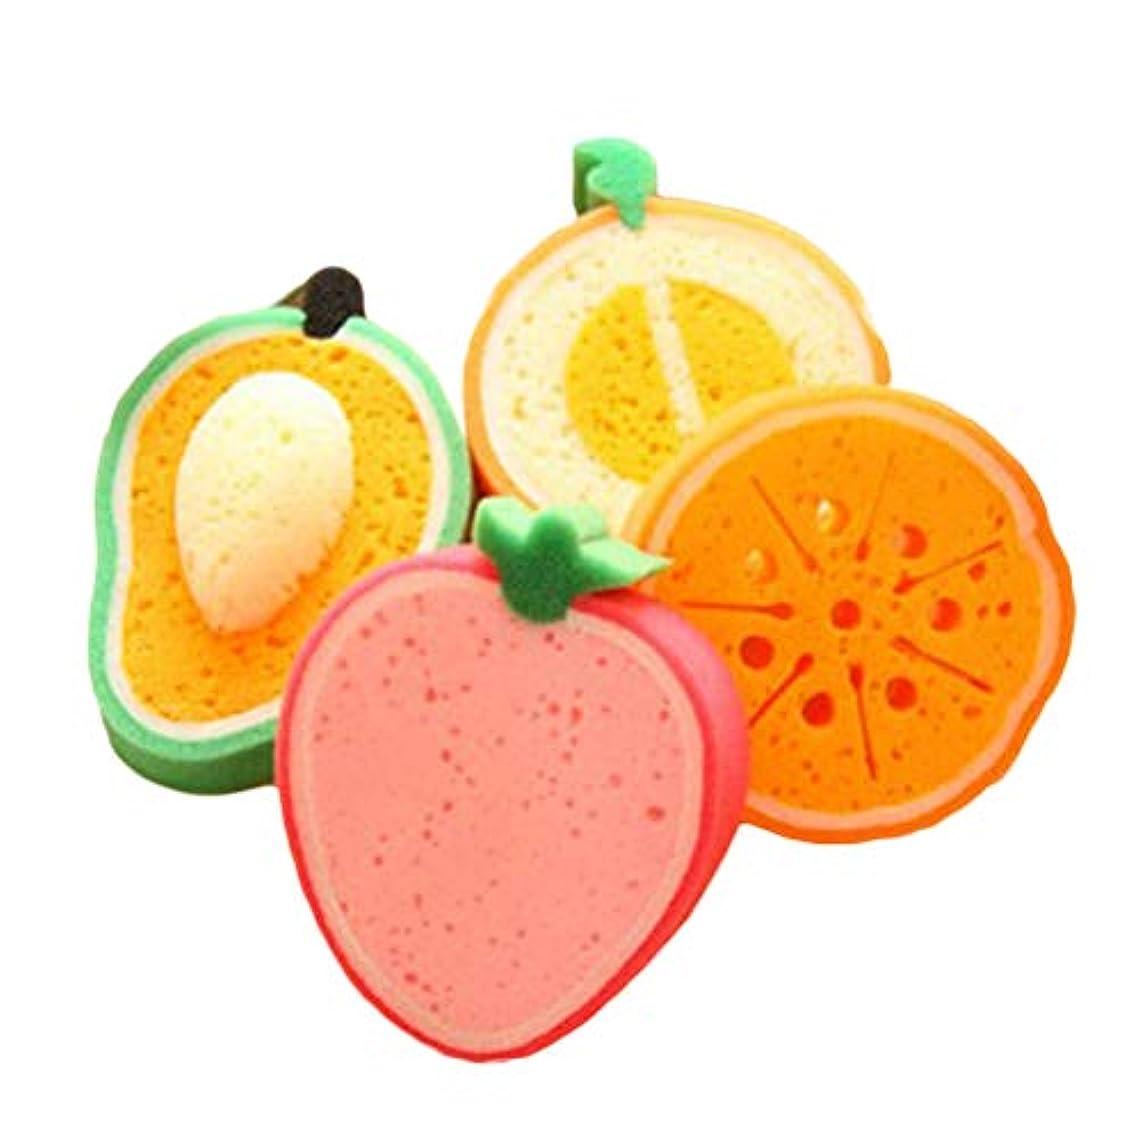 ペルーに対応スライムHEALIFTY 4本のベイビーバススポンジ、マンゴーの4つのファンキーフルーツスポンジセットハニー?ドウ?メロンオレンジとストロベリー